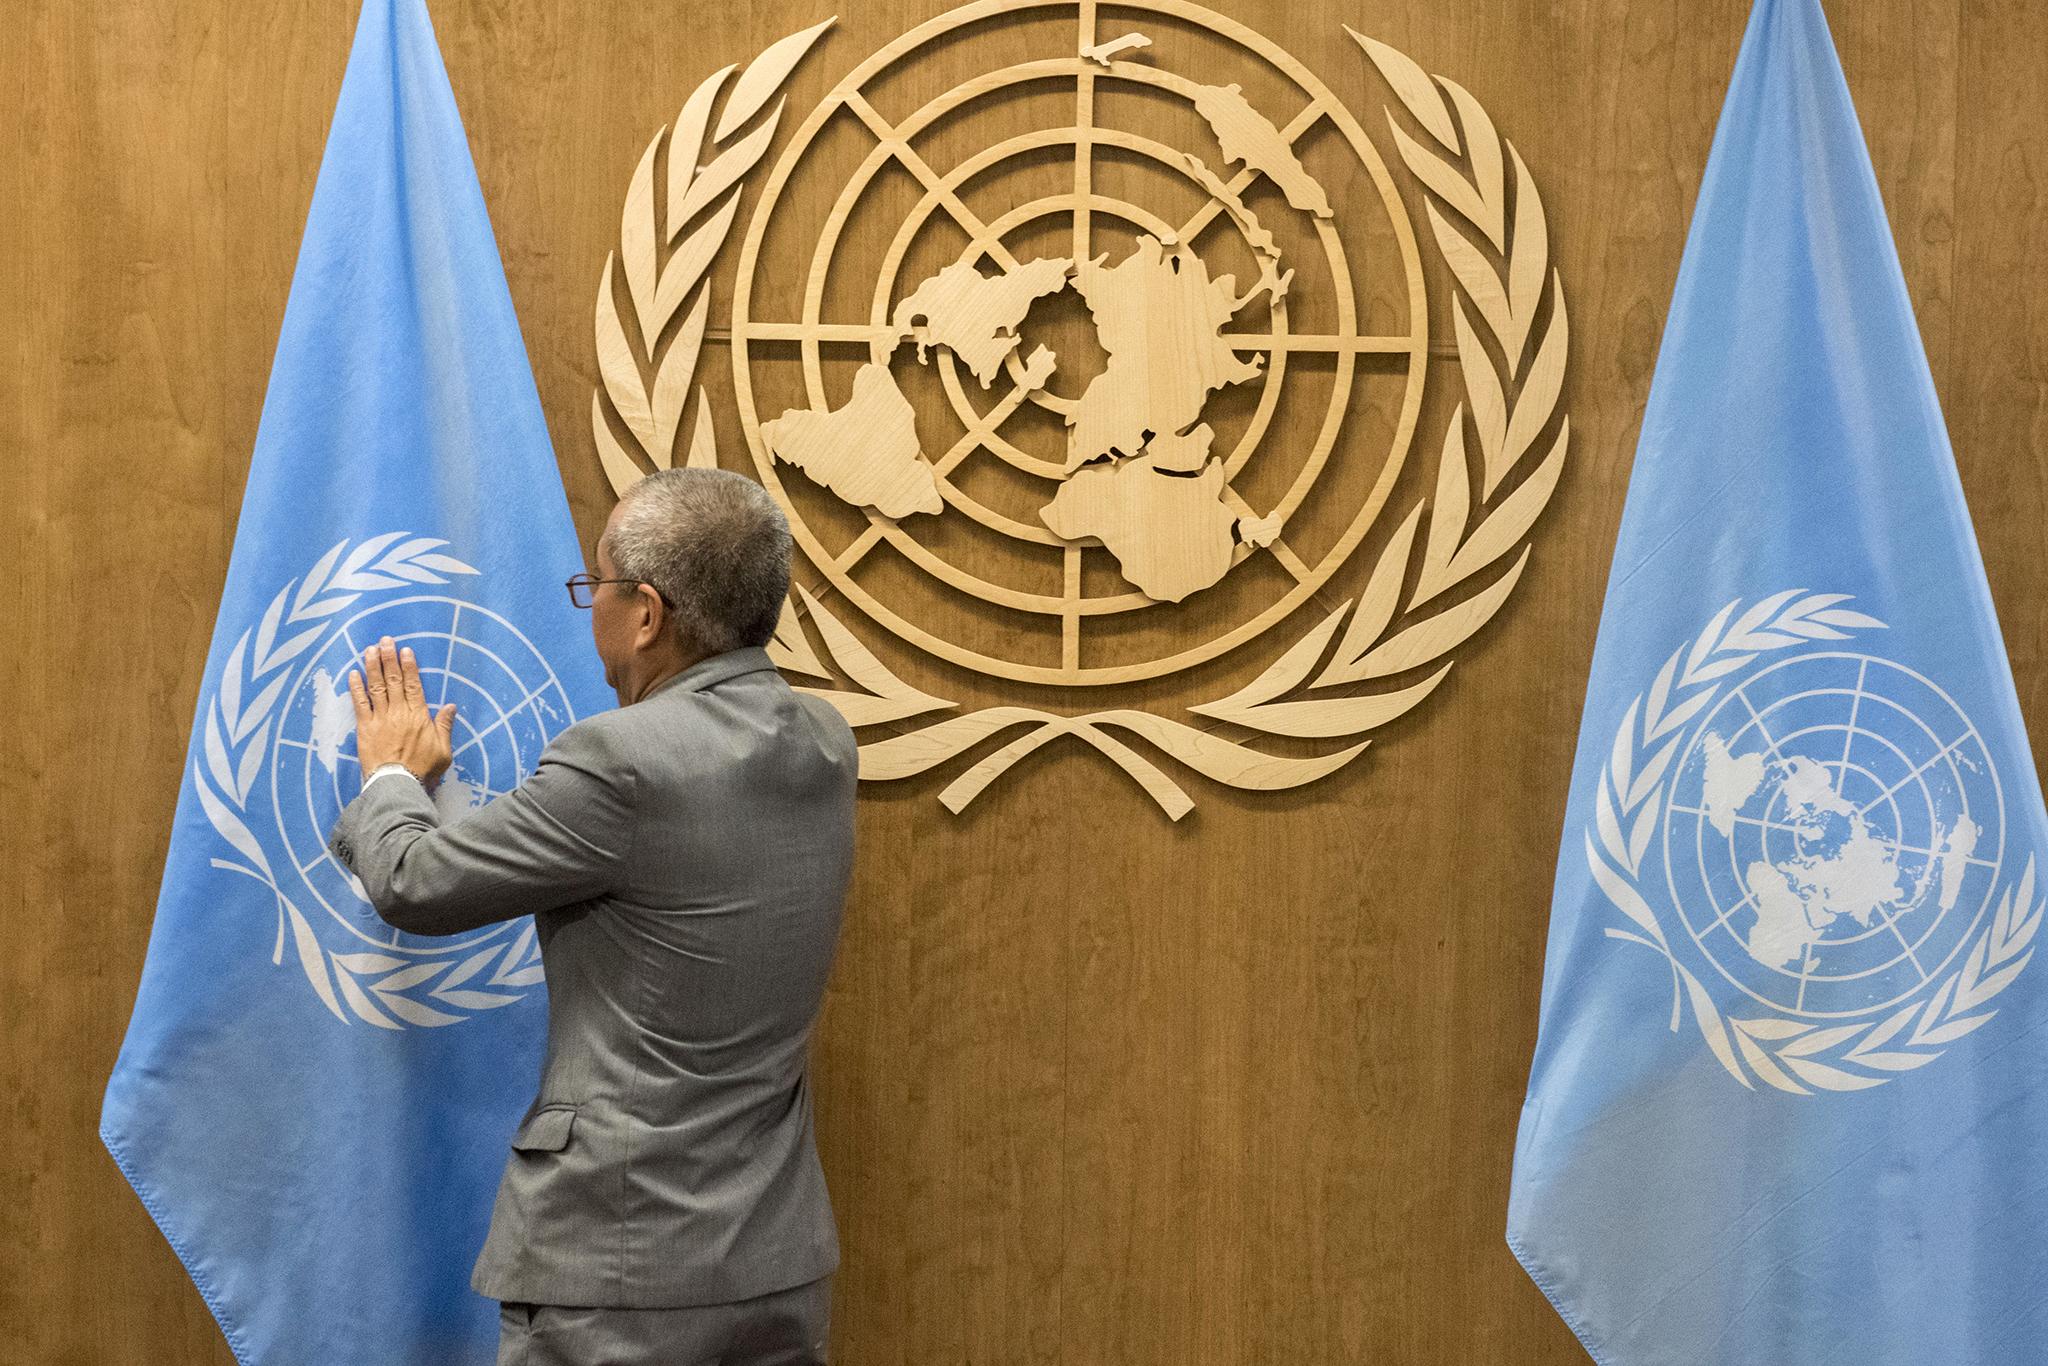 Die Flaggen der UNO werden für eine Vollversammlung hergerichtet |  Bild: © United Nations Photo [CC BY-NC-ND 2.0]  - flickr